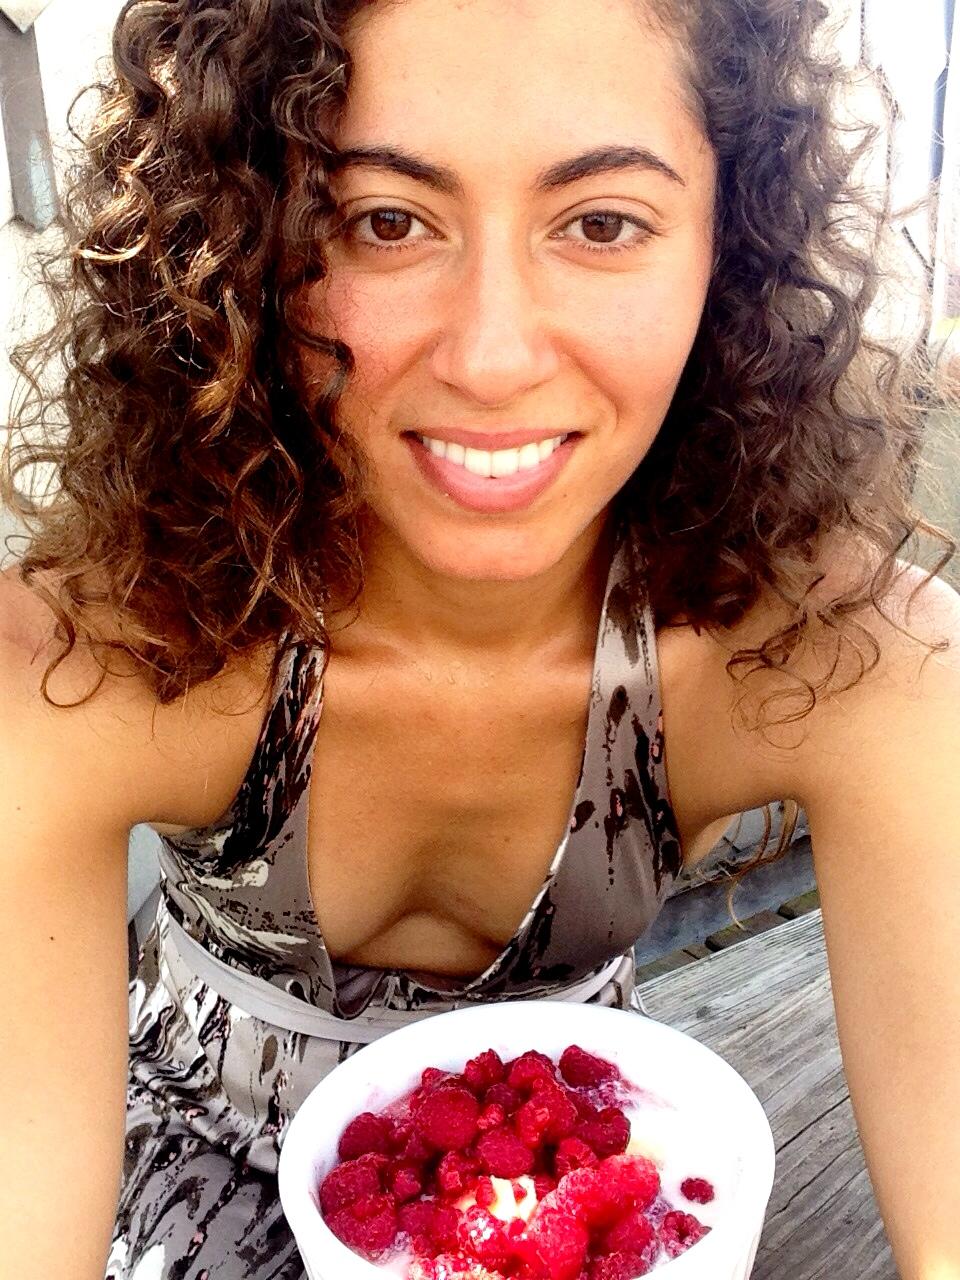 Raspberry Breakfast Selfie! ©DrNikkiNoce